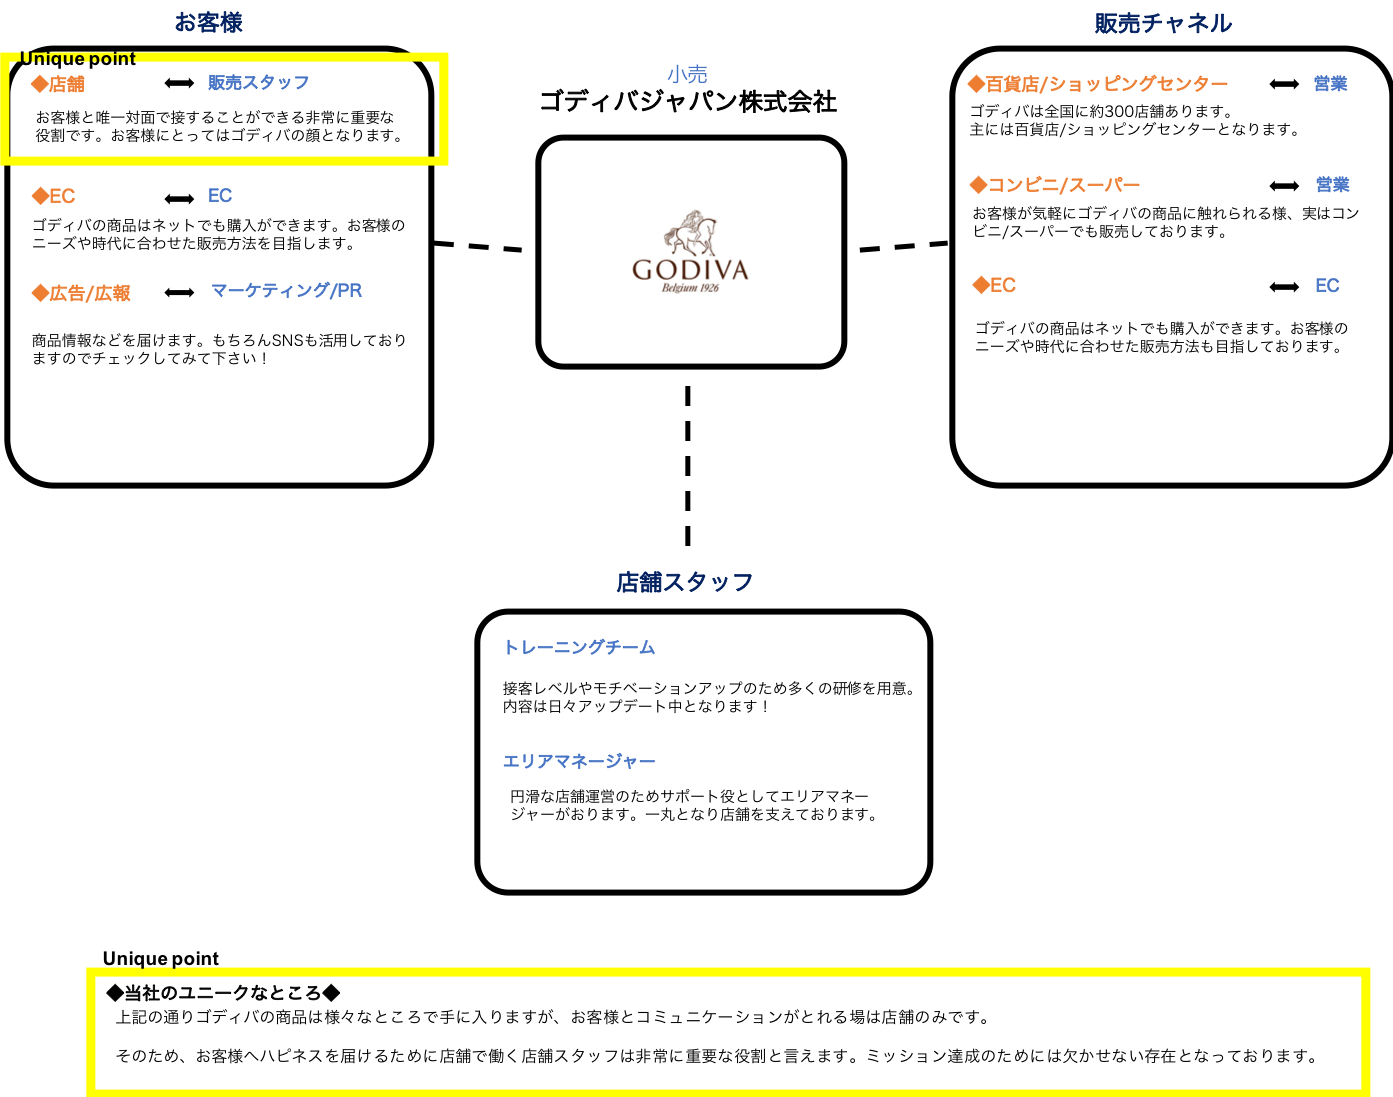 ゴディバジャパンとつながりのある企業・職種・人一覧